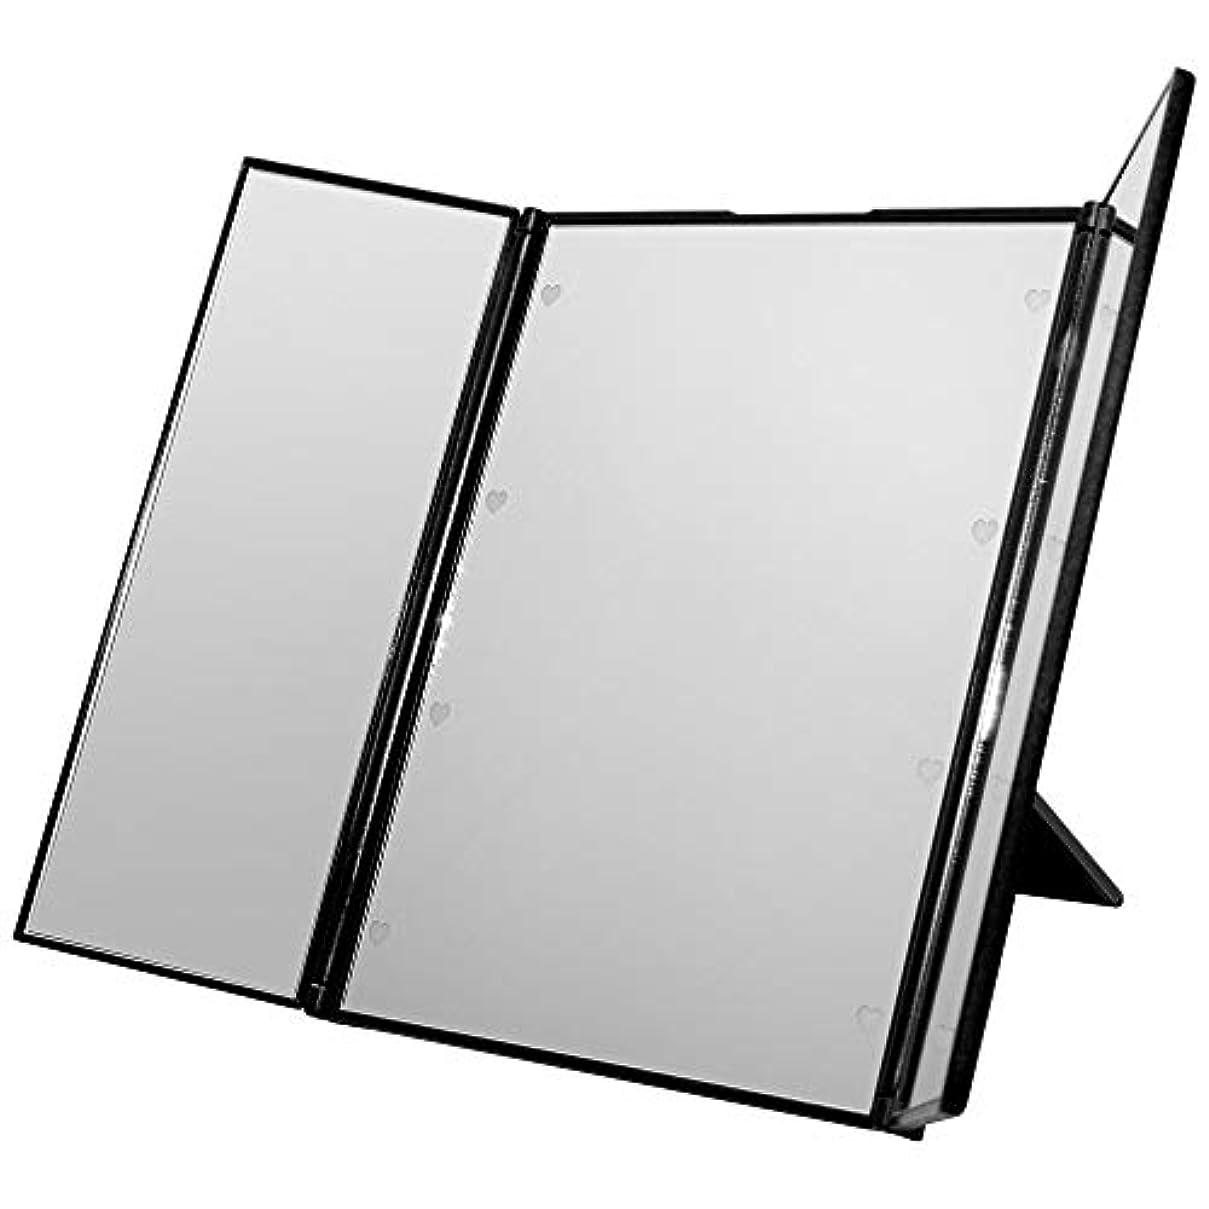 槍実装する物理?化粧鏡 卓上ミラー三面鏡 スタンドミラー LED付き 折りたたみ式 角度調整可能 折りたたみ式 三面鏡 ハート 三面鏡 大型 大きい かわいい スタンド ミラー